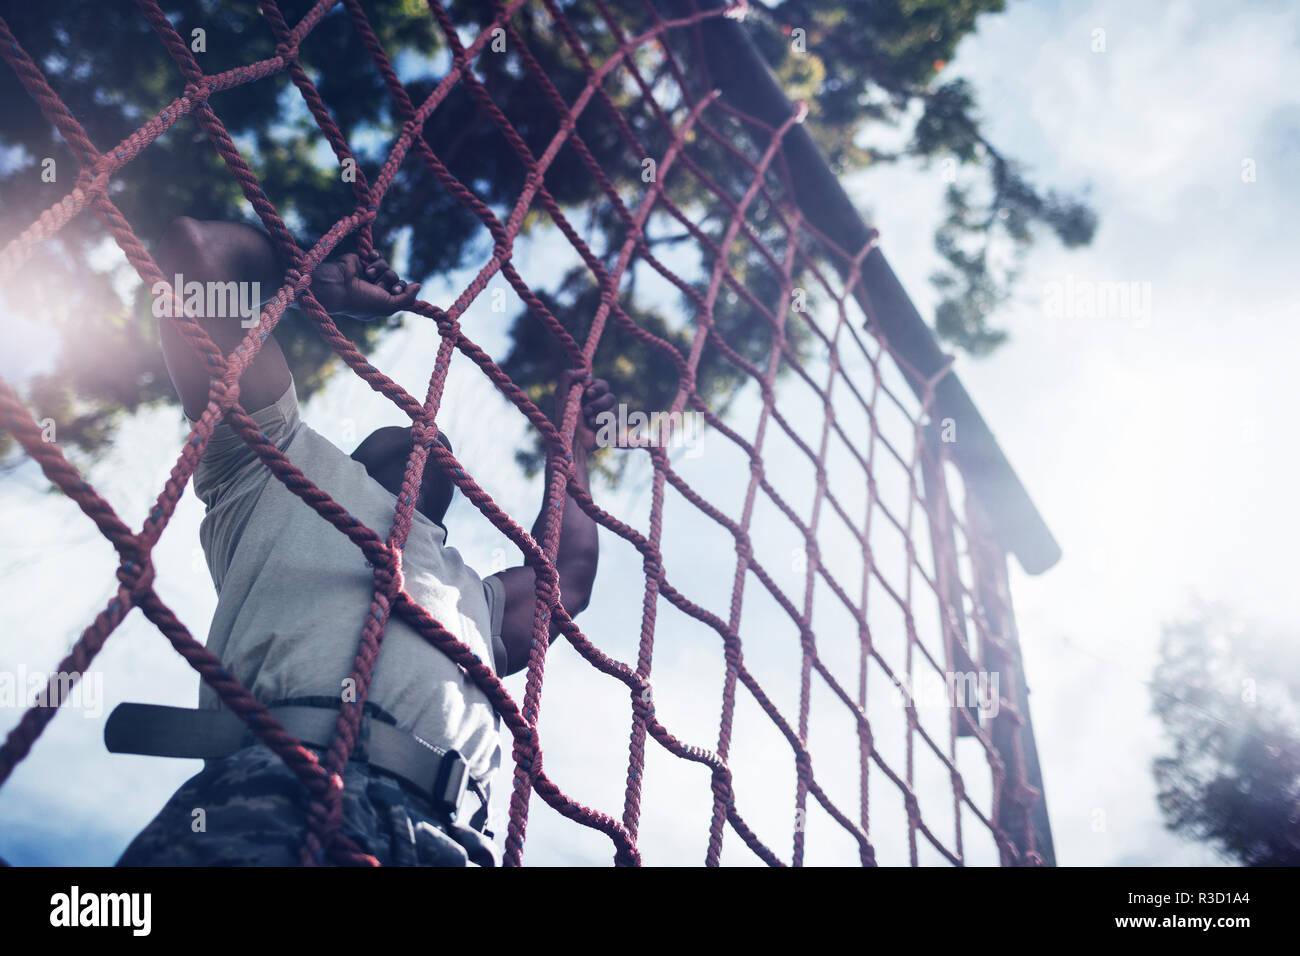 Cuerda de escalada soldado militar durante la carrera de obstáculos Imagen De Stock